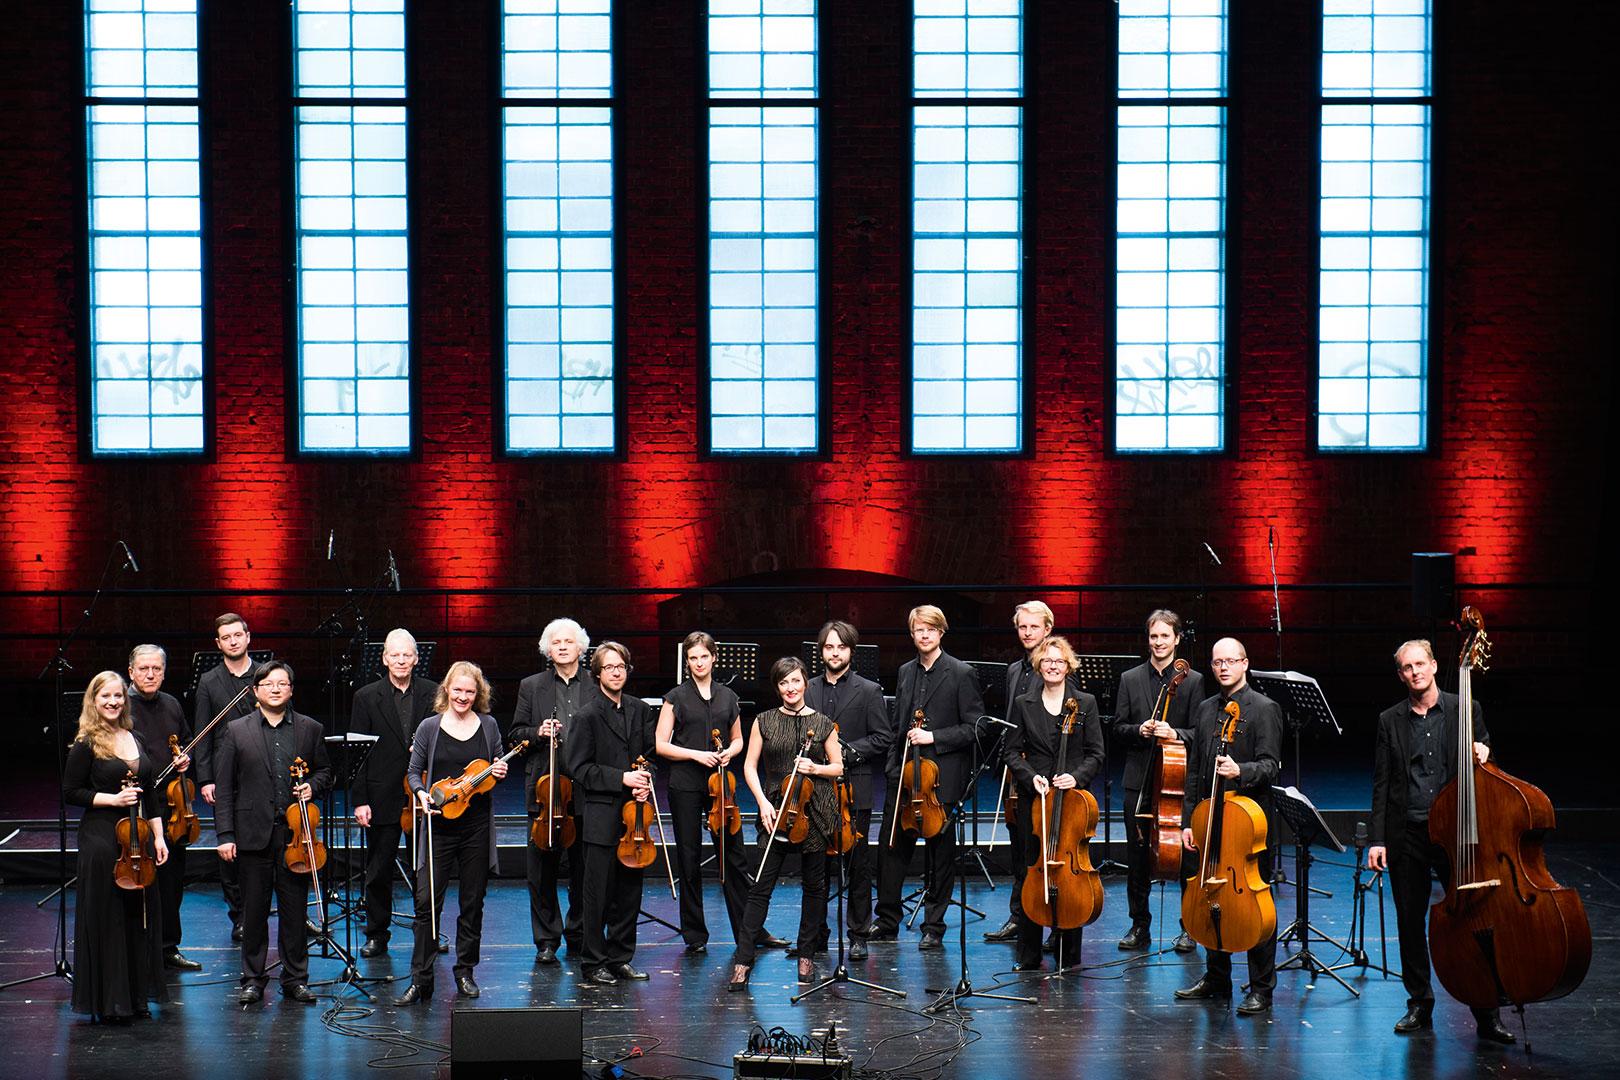 Stuttgarter Kammerorchester – einzigartige musikalische Erlebnisse